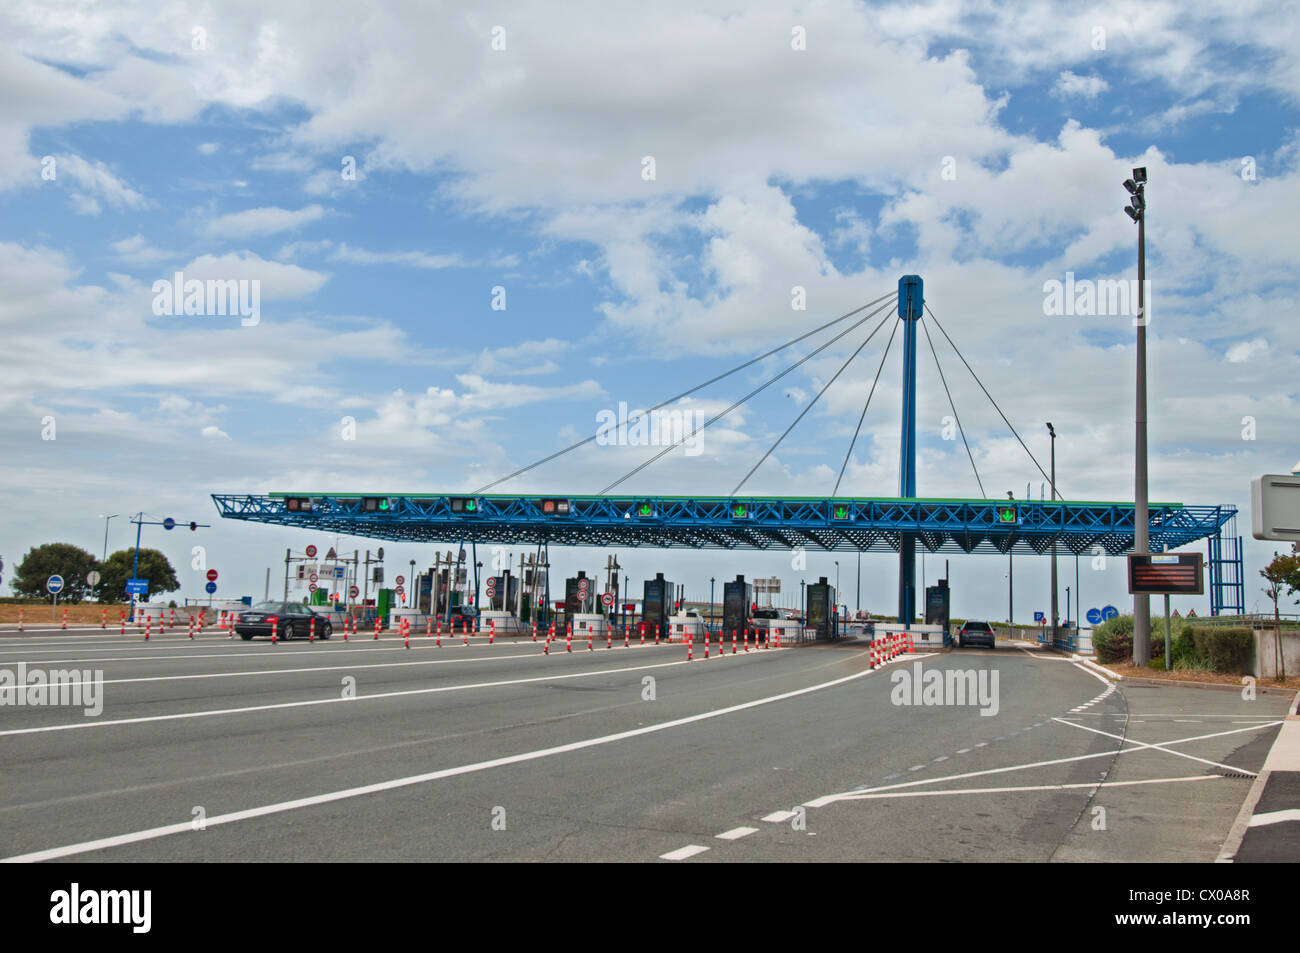 Île de Ré crossing toll booth, Charente-Maritime, Poitou-Charentes, France. - Stock Image